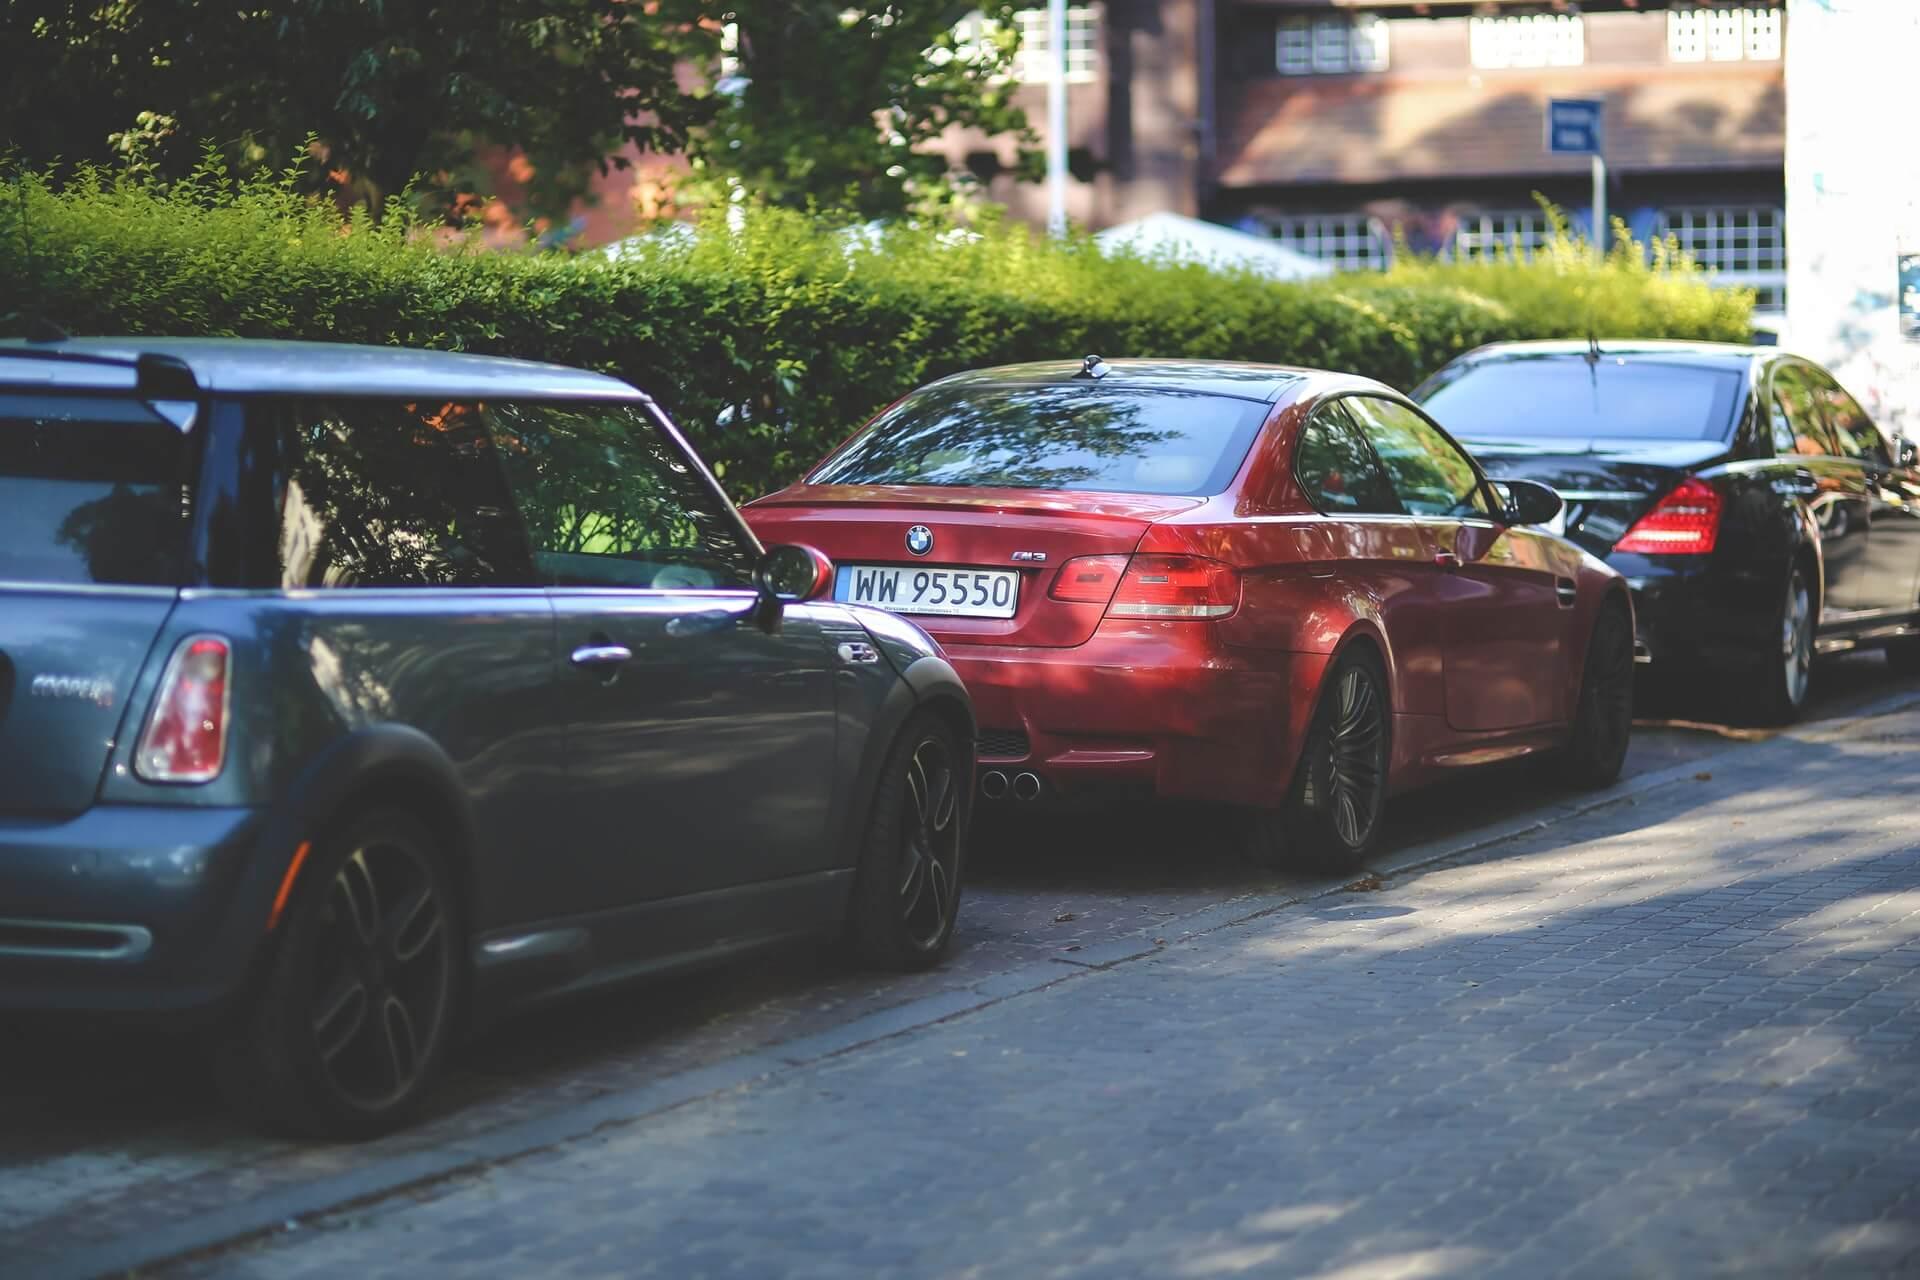 carros usados baratos - Na hora de pensar na compra de carros usados, afaste-se de modelos com difícil revenda e manutenções caras